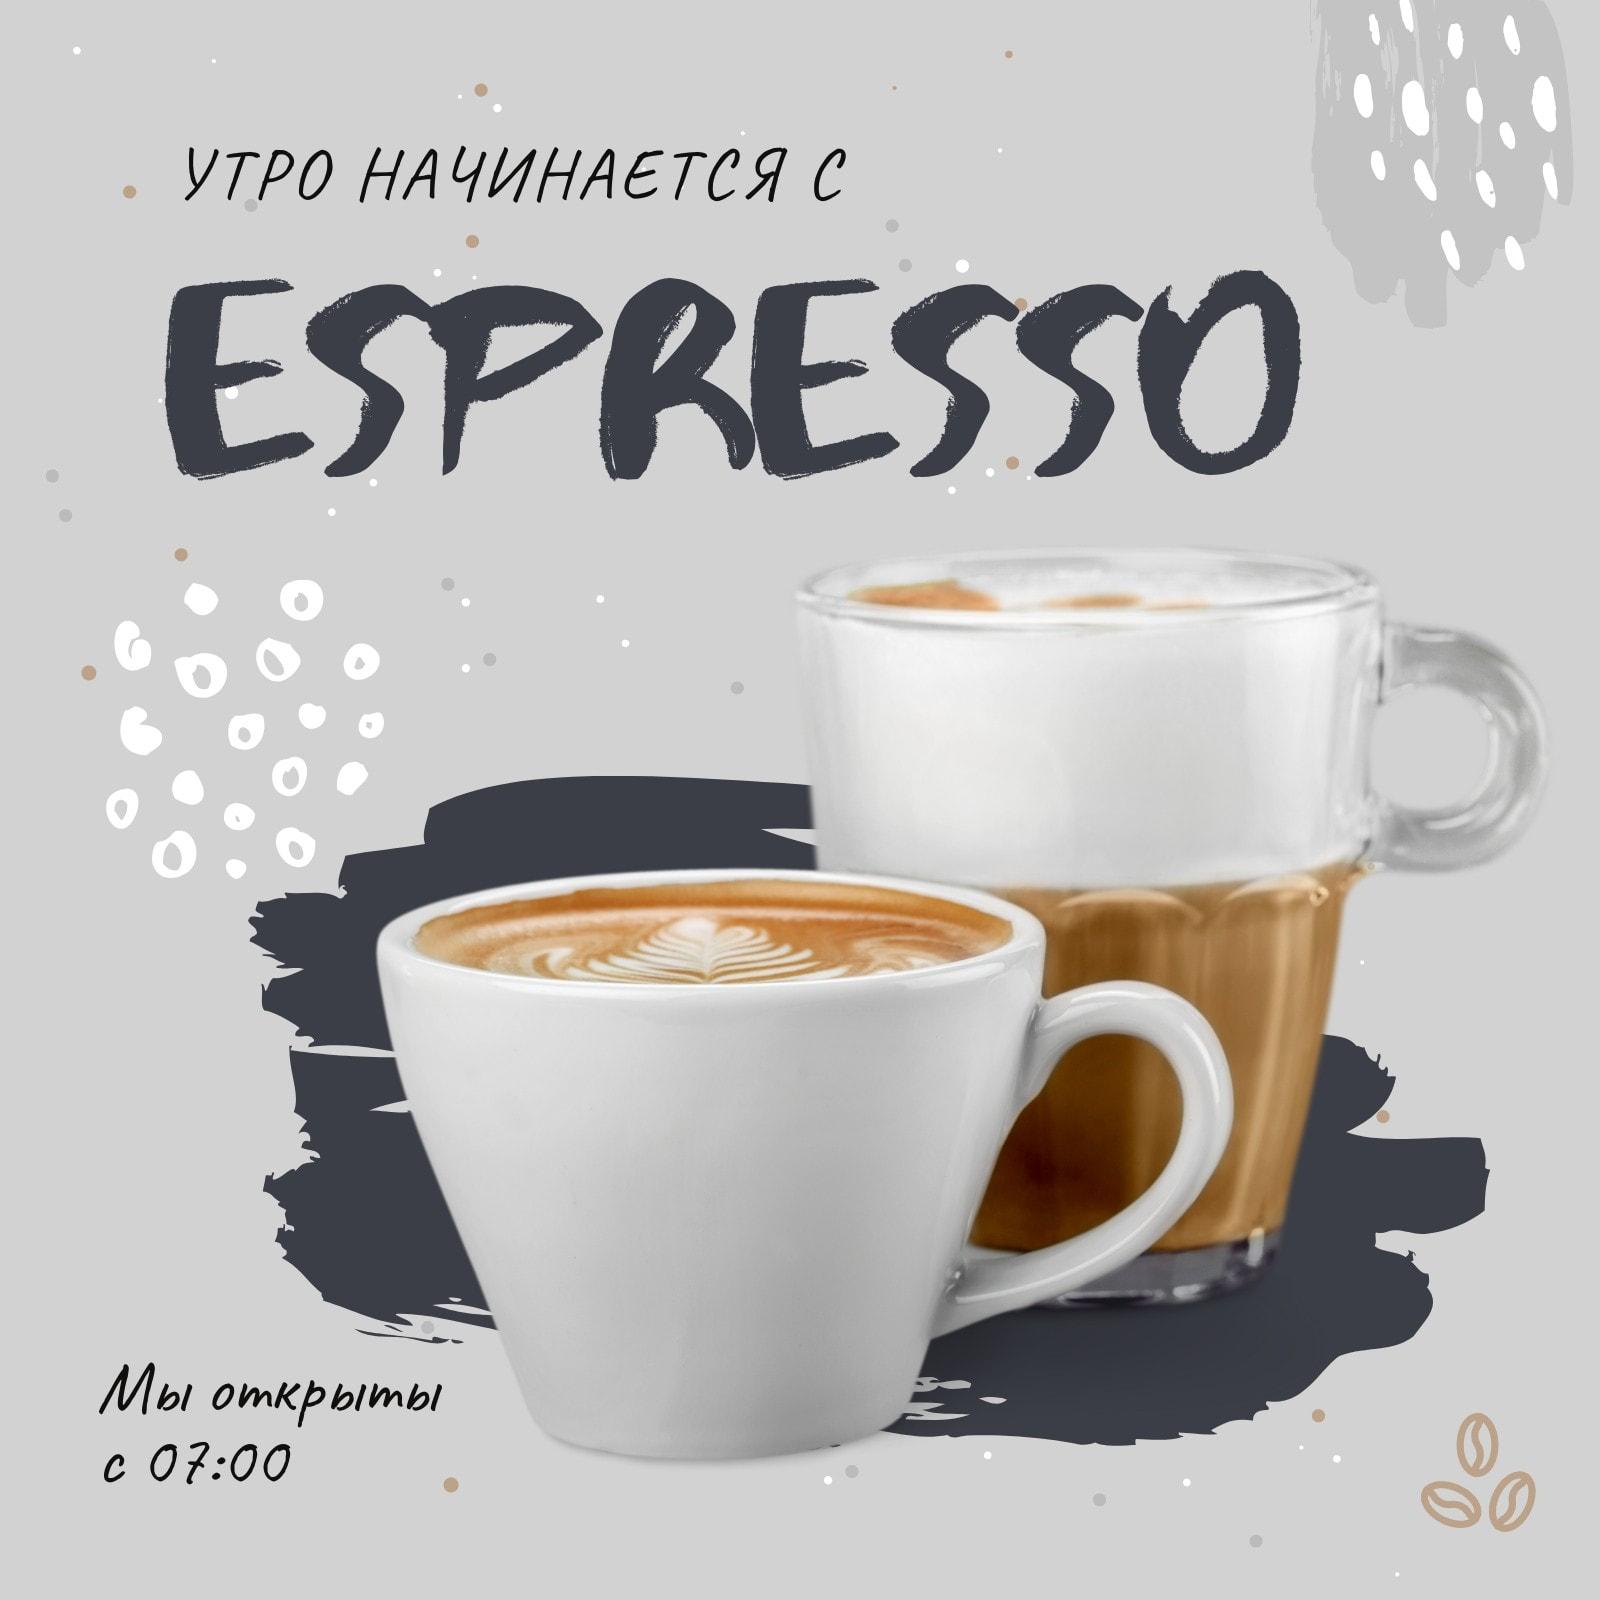 Серая публикация в Instagram с кофейными напитками